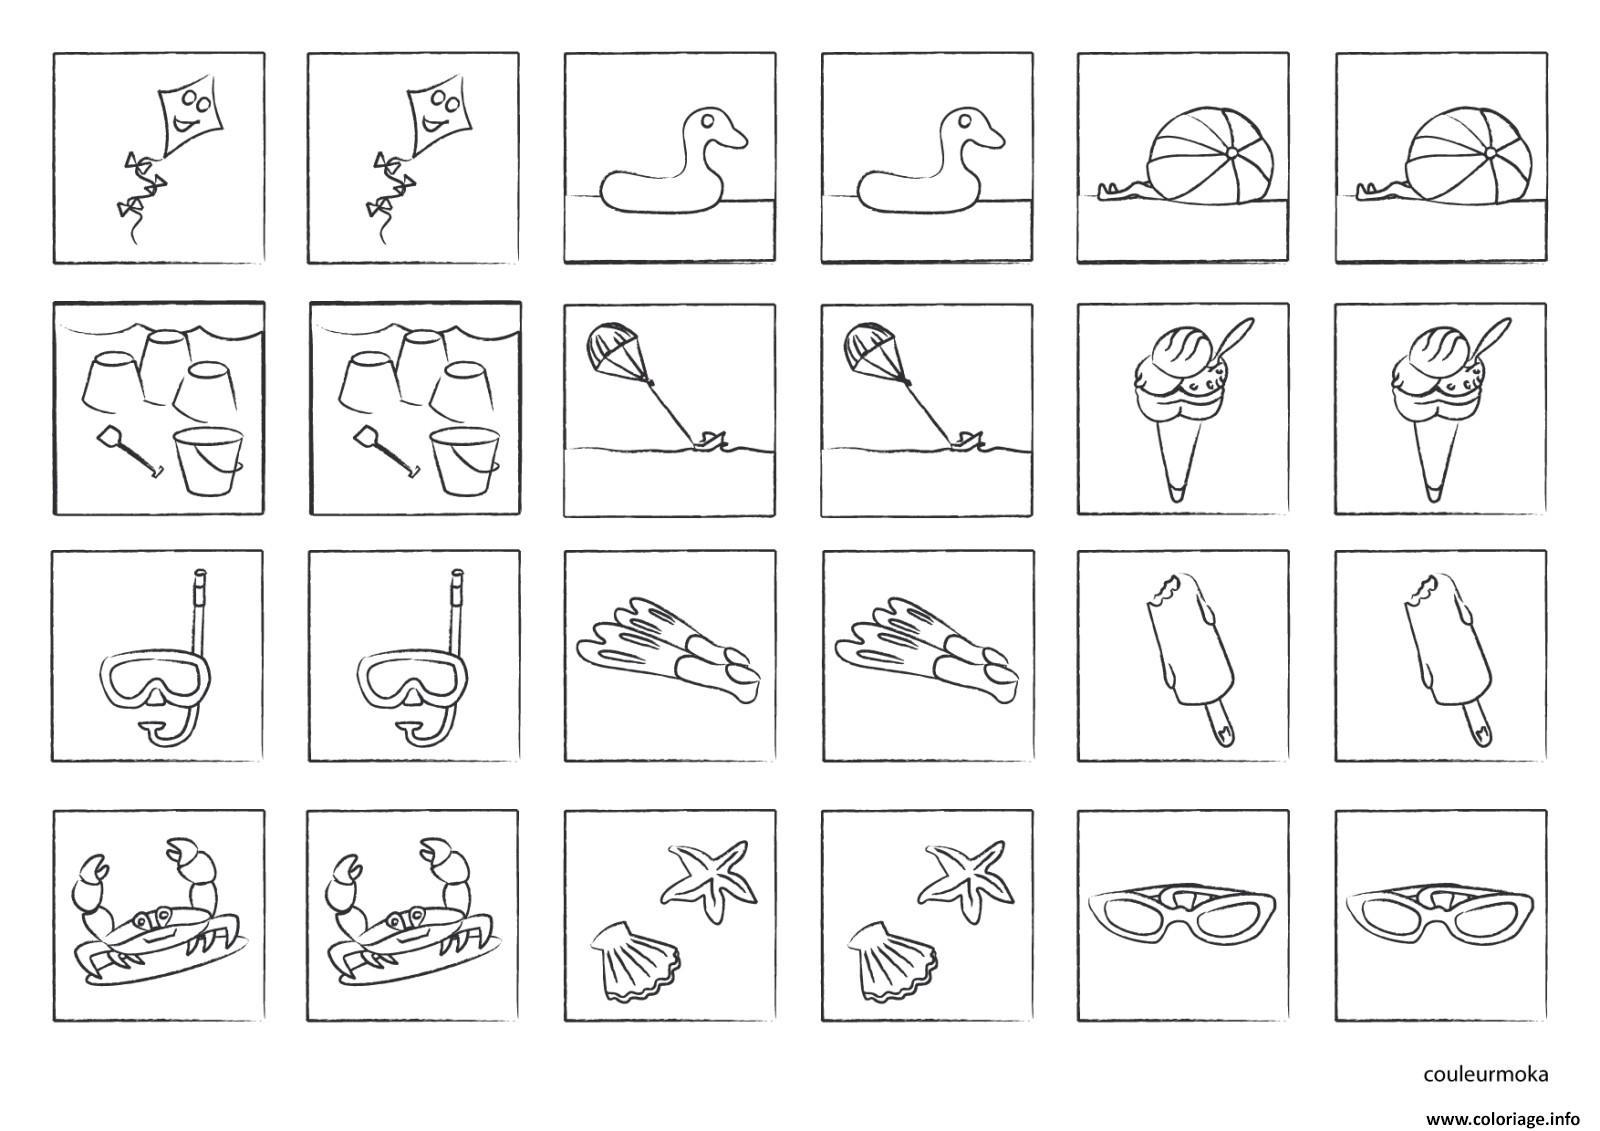 Coloriage Jeu De Memoire A Imprimer Colorier Et Jouer Dessin dedans Jeux Mathématiques À Imprimer